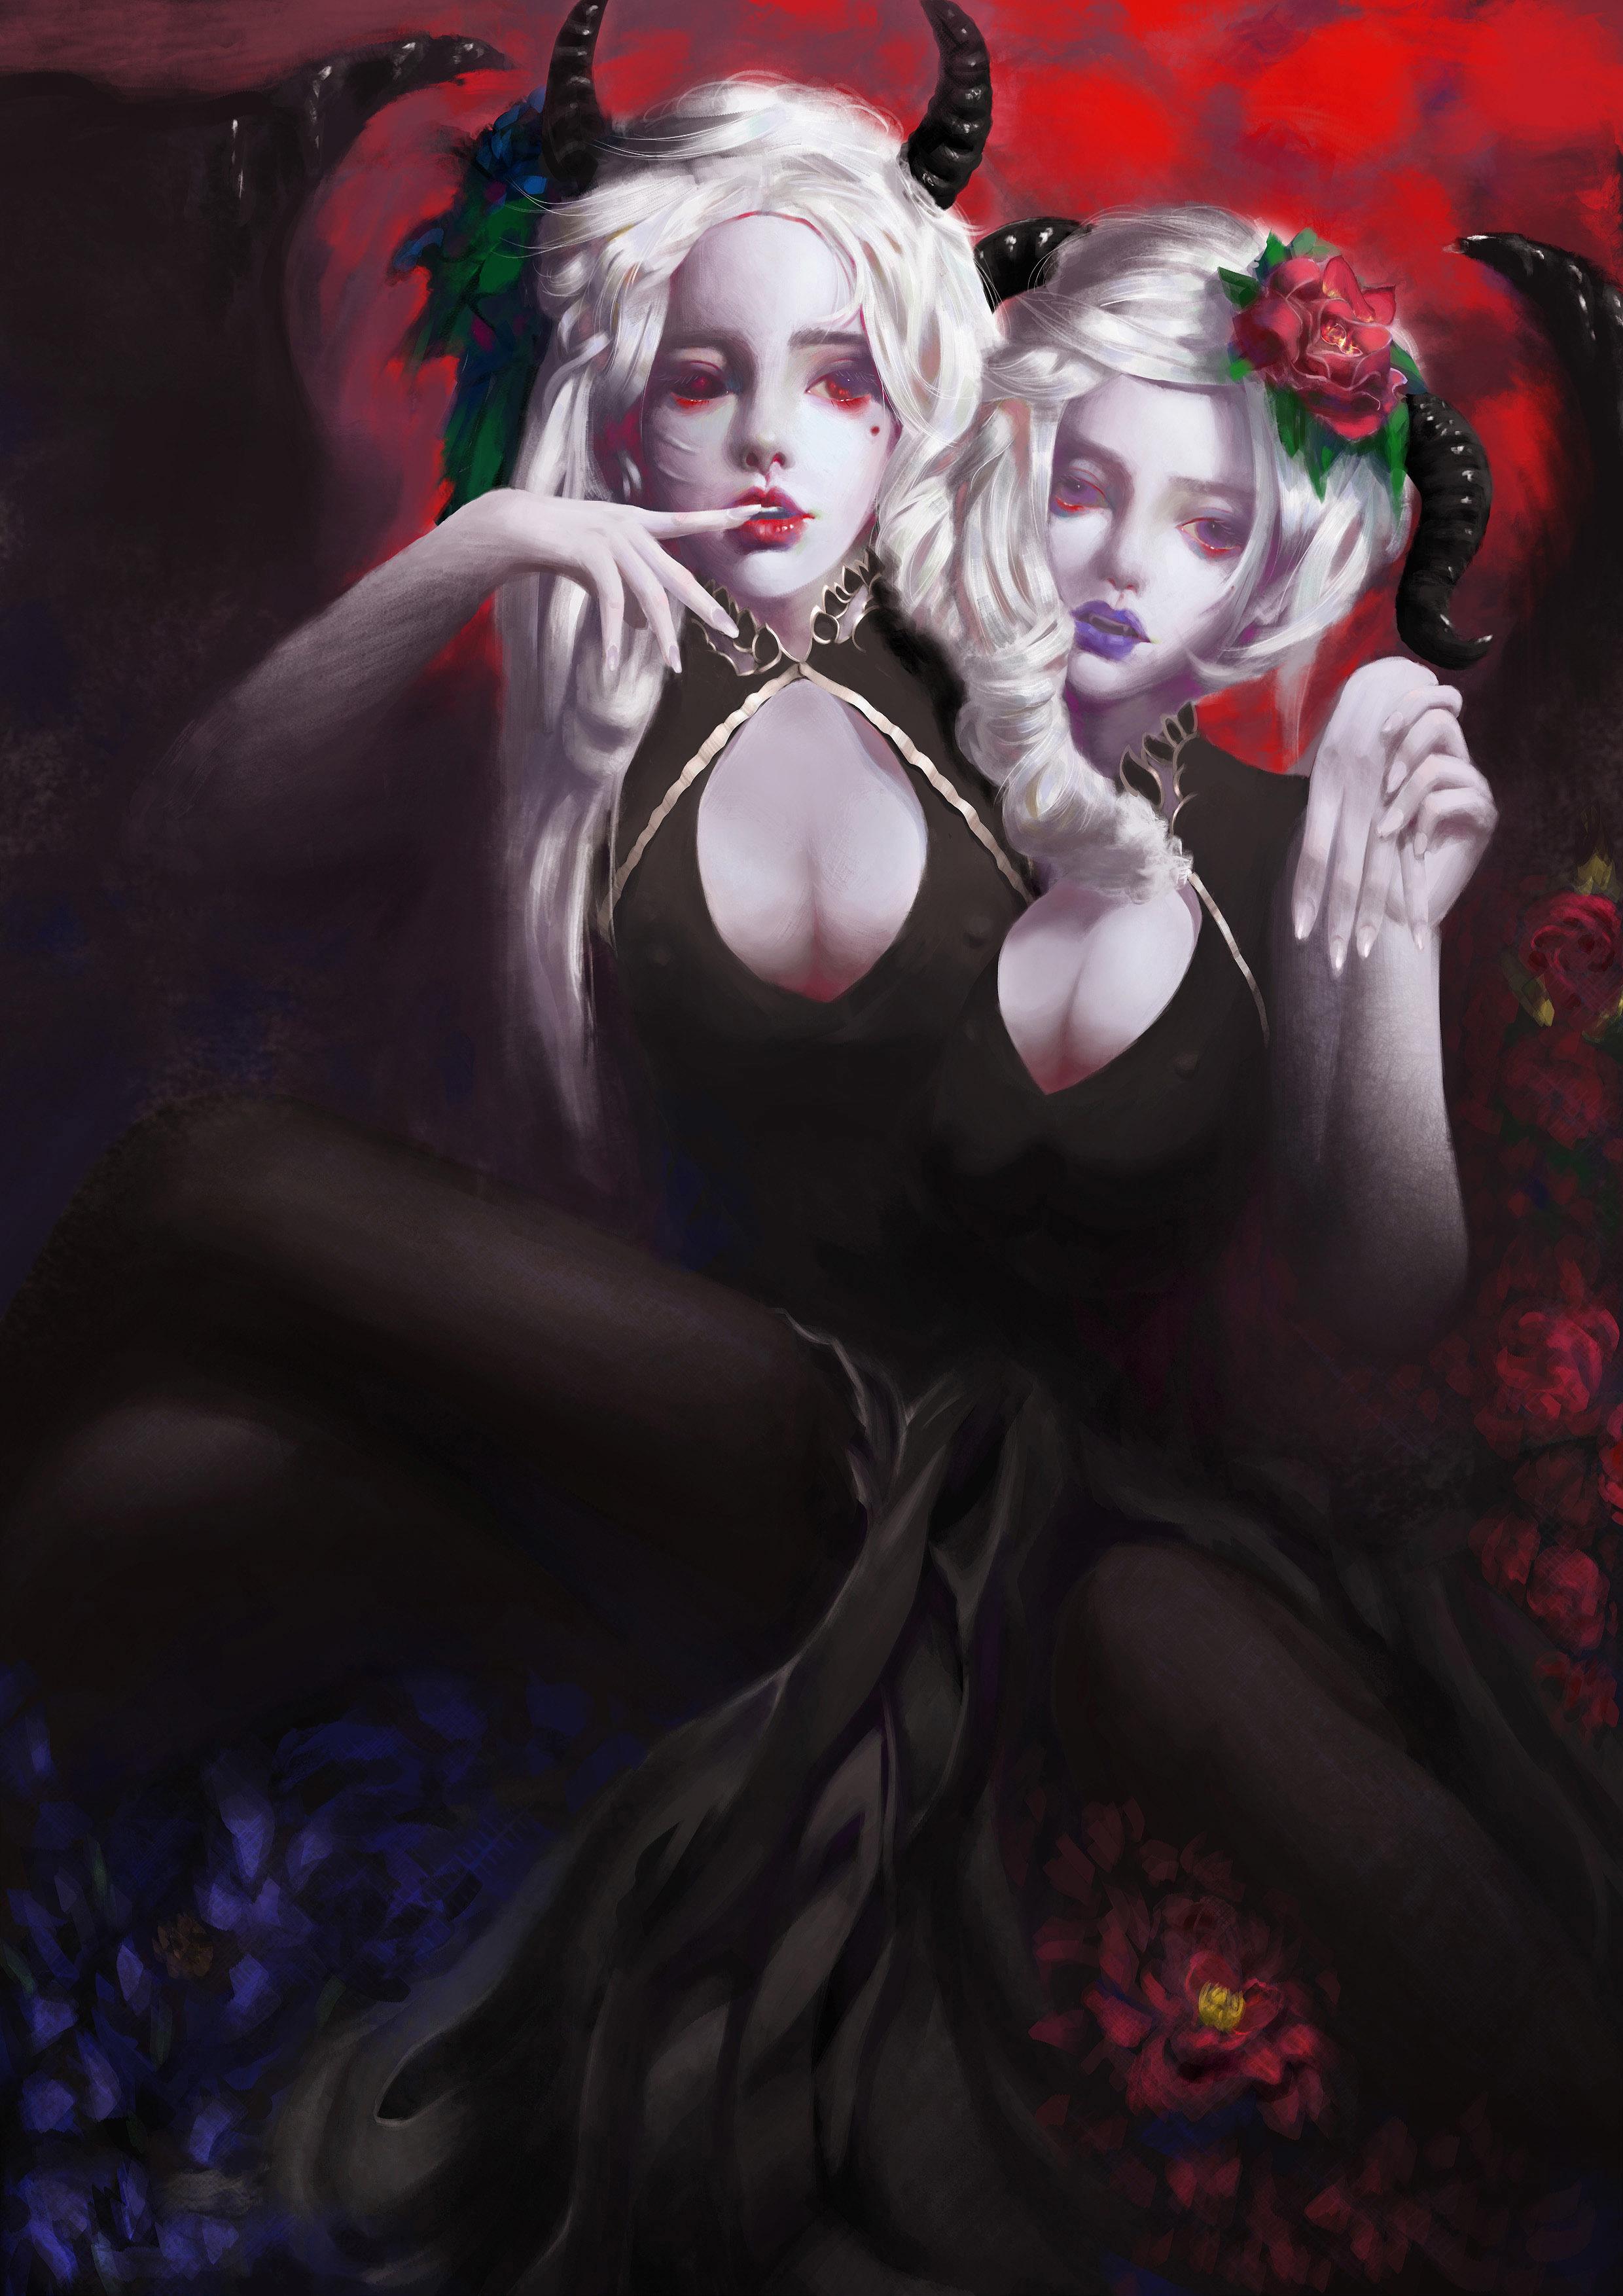 恶魔角素材黑色